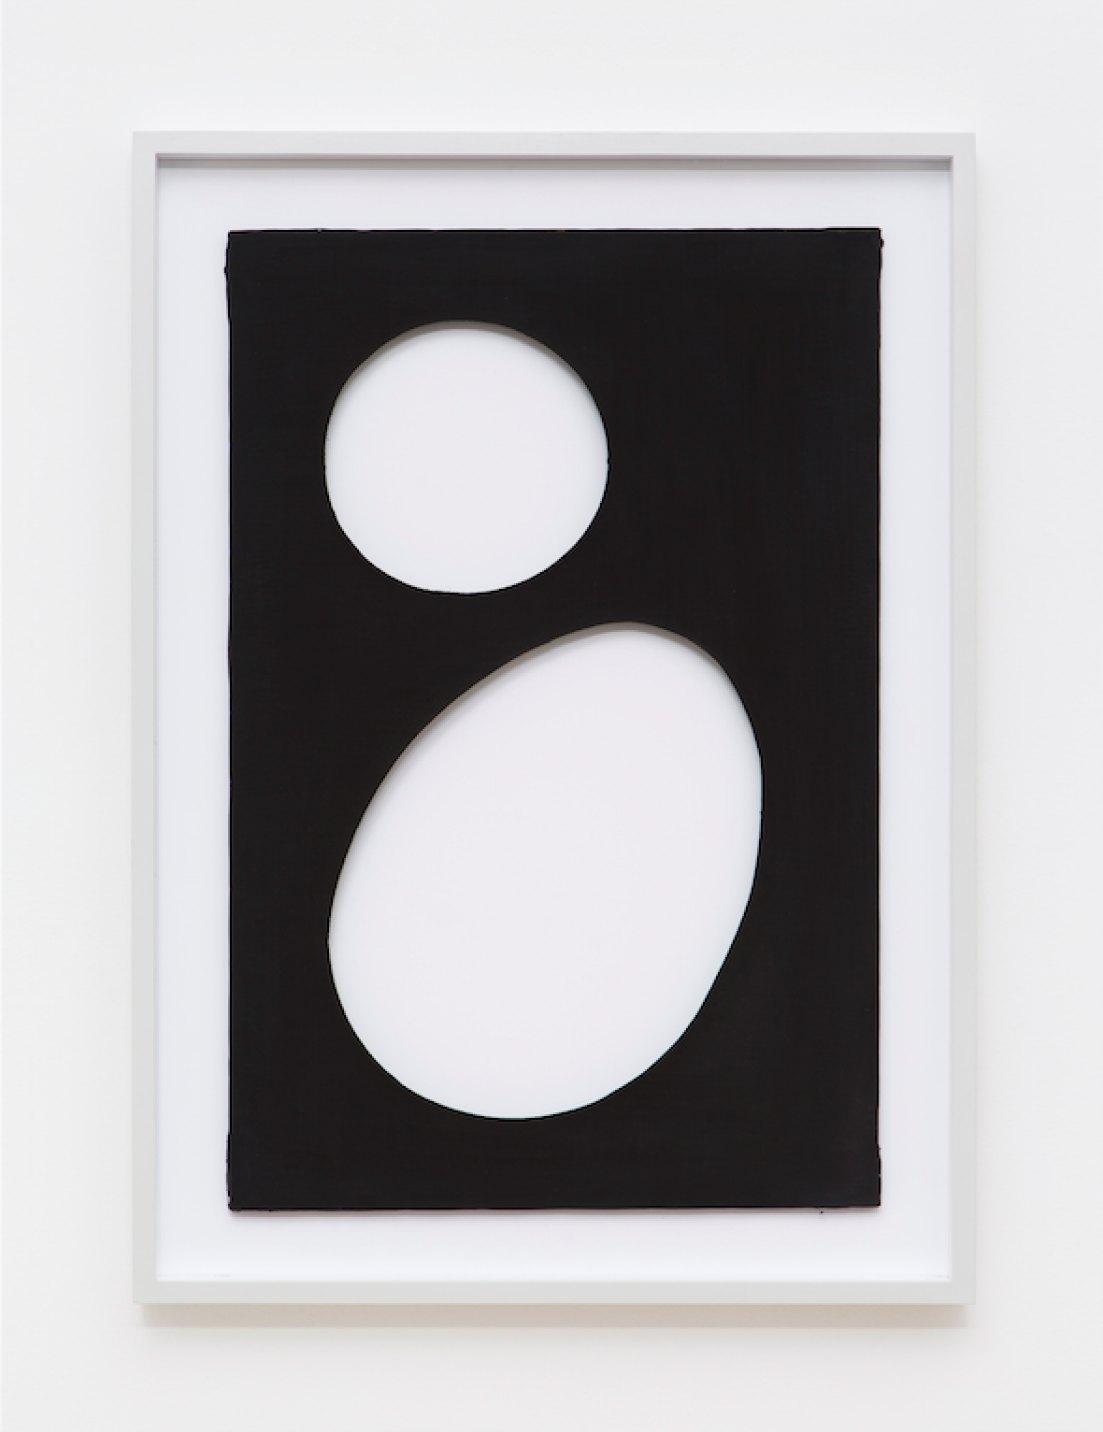 Dadamaino,<em>untitled</em>, from<em>Volumi</em>series,1959,water-based ink on canvas,90 ×60 cm - Mendes Wood DM